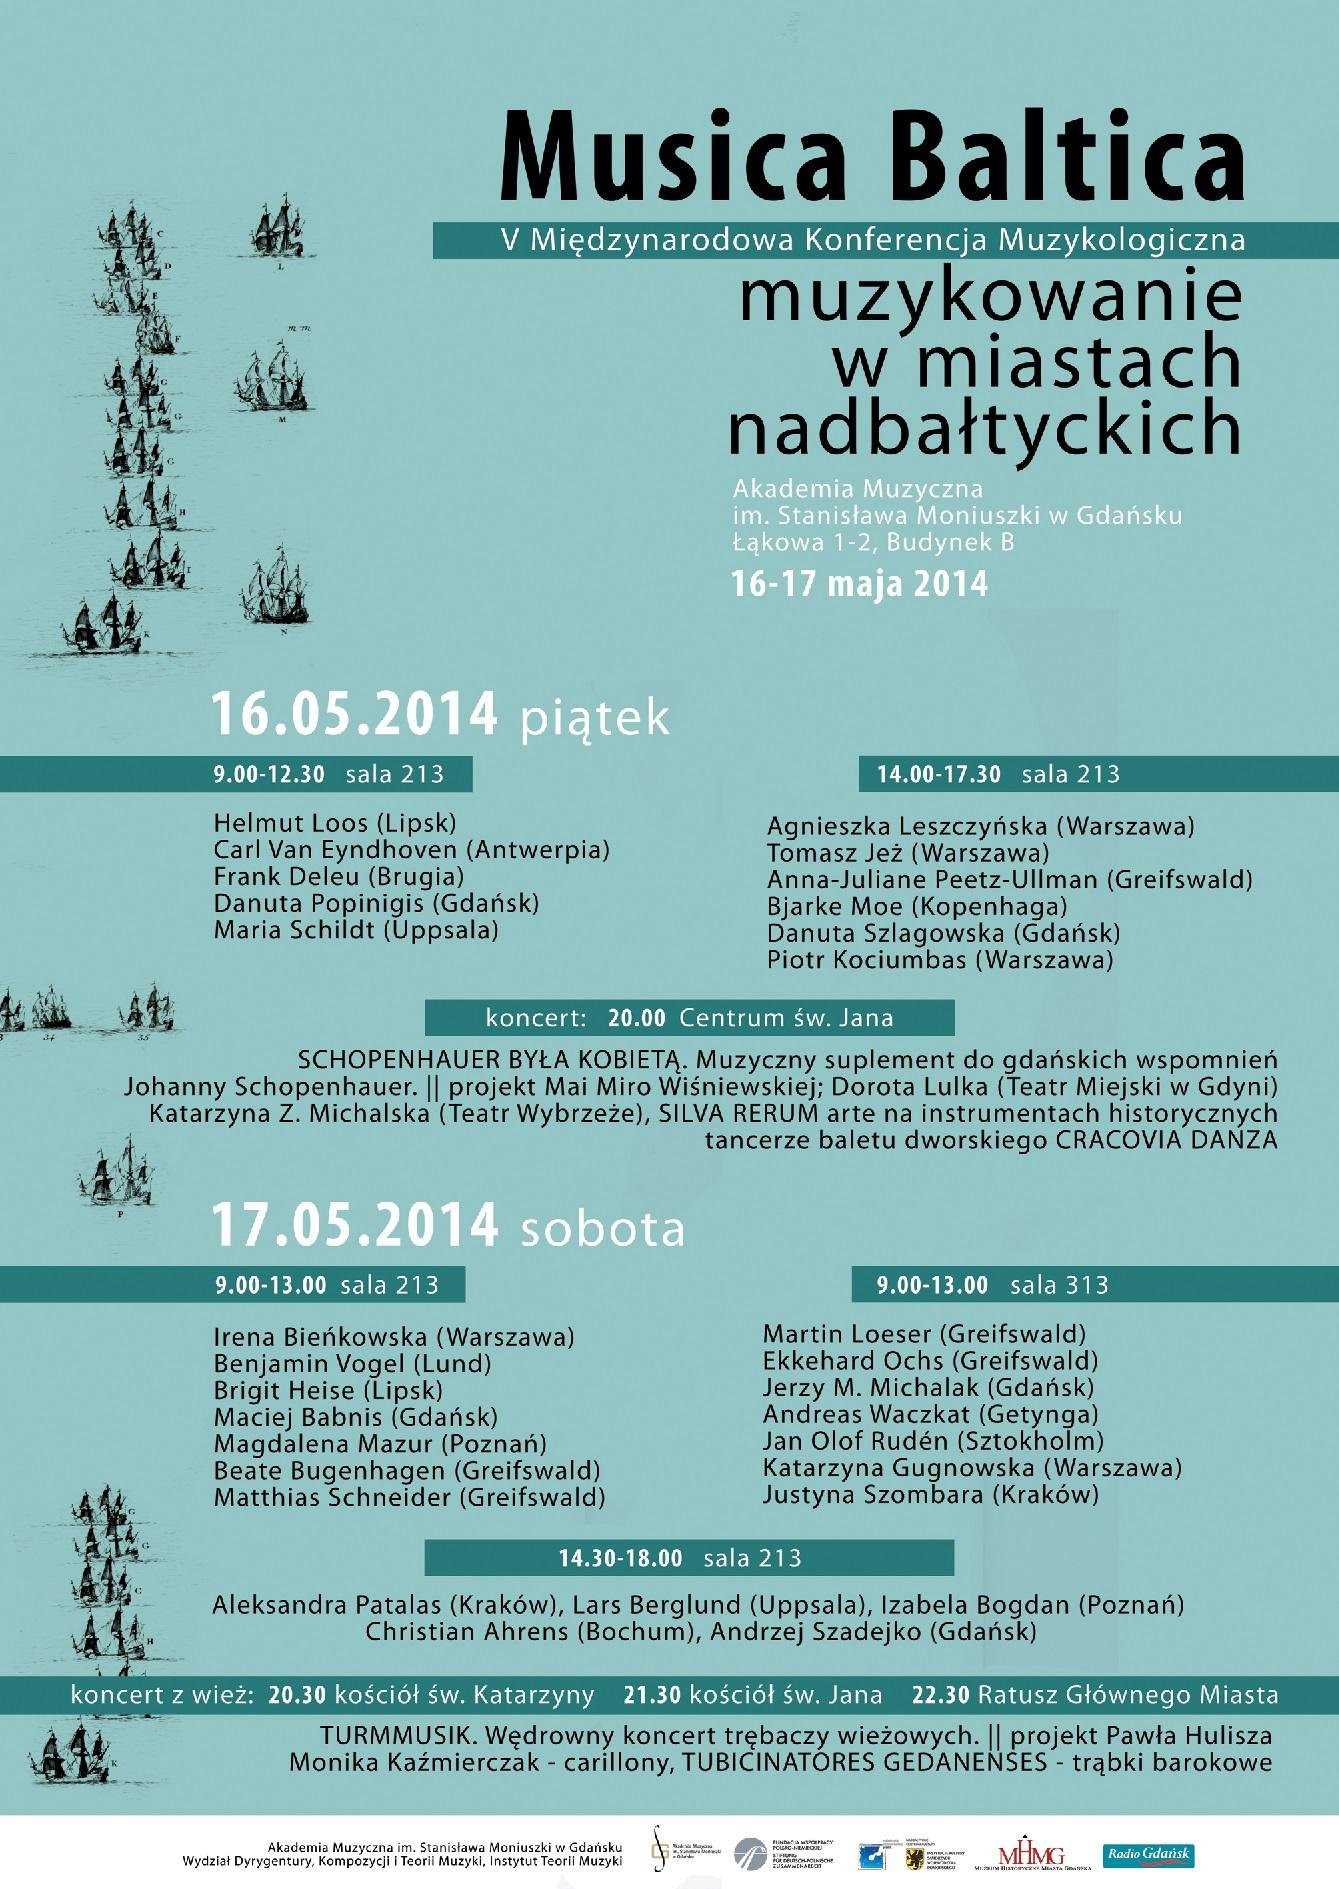 Musica_Baltica_2014_plakat_www